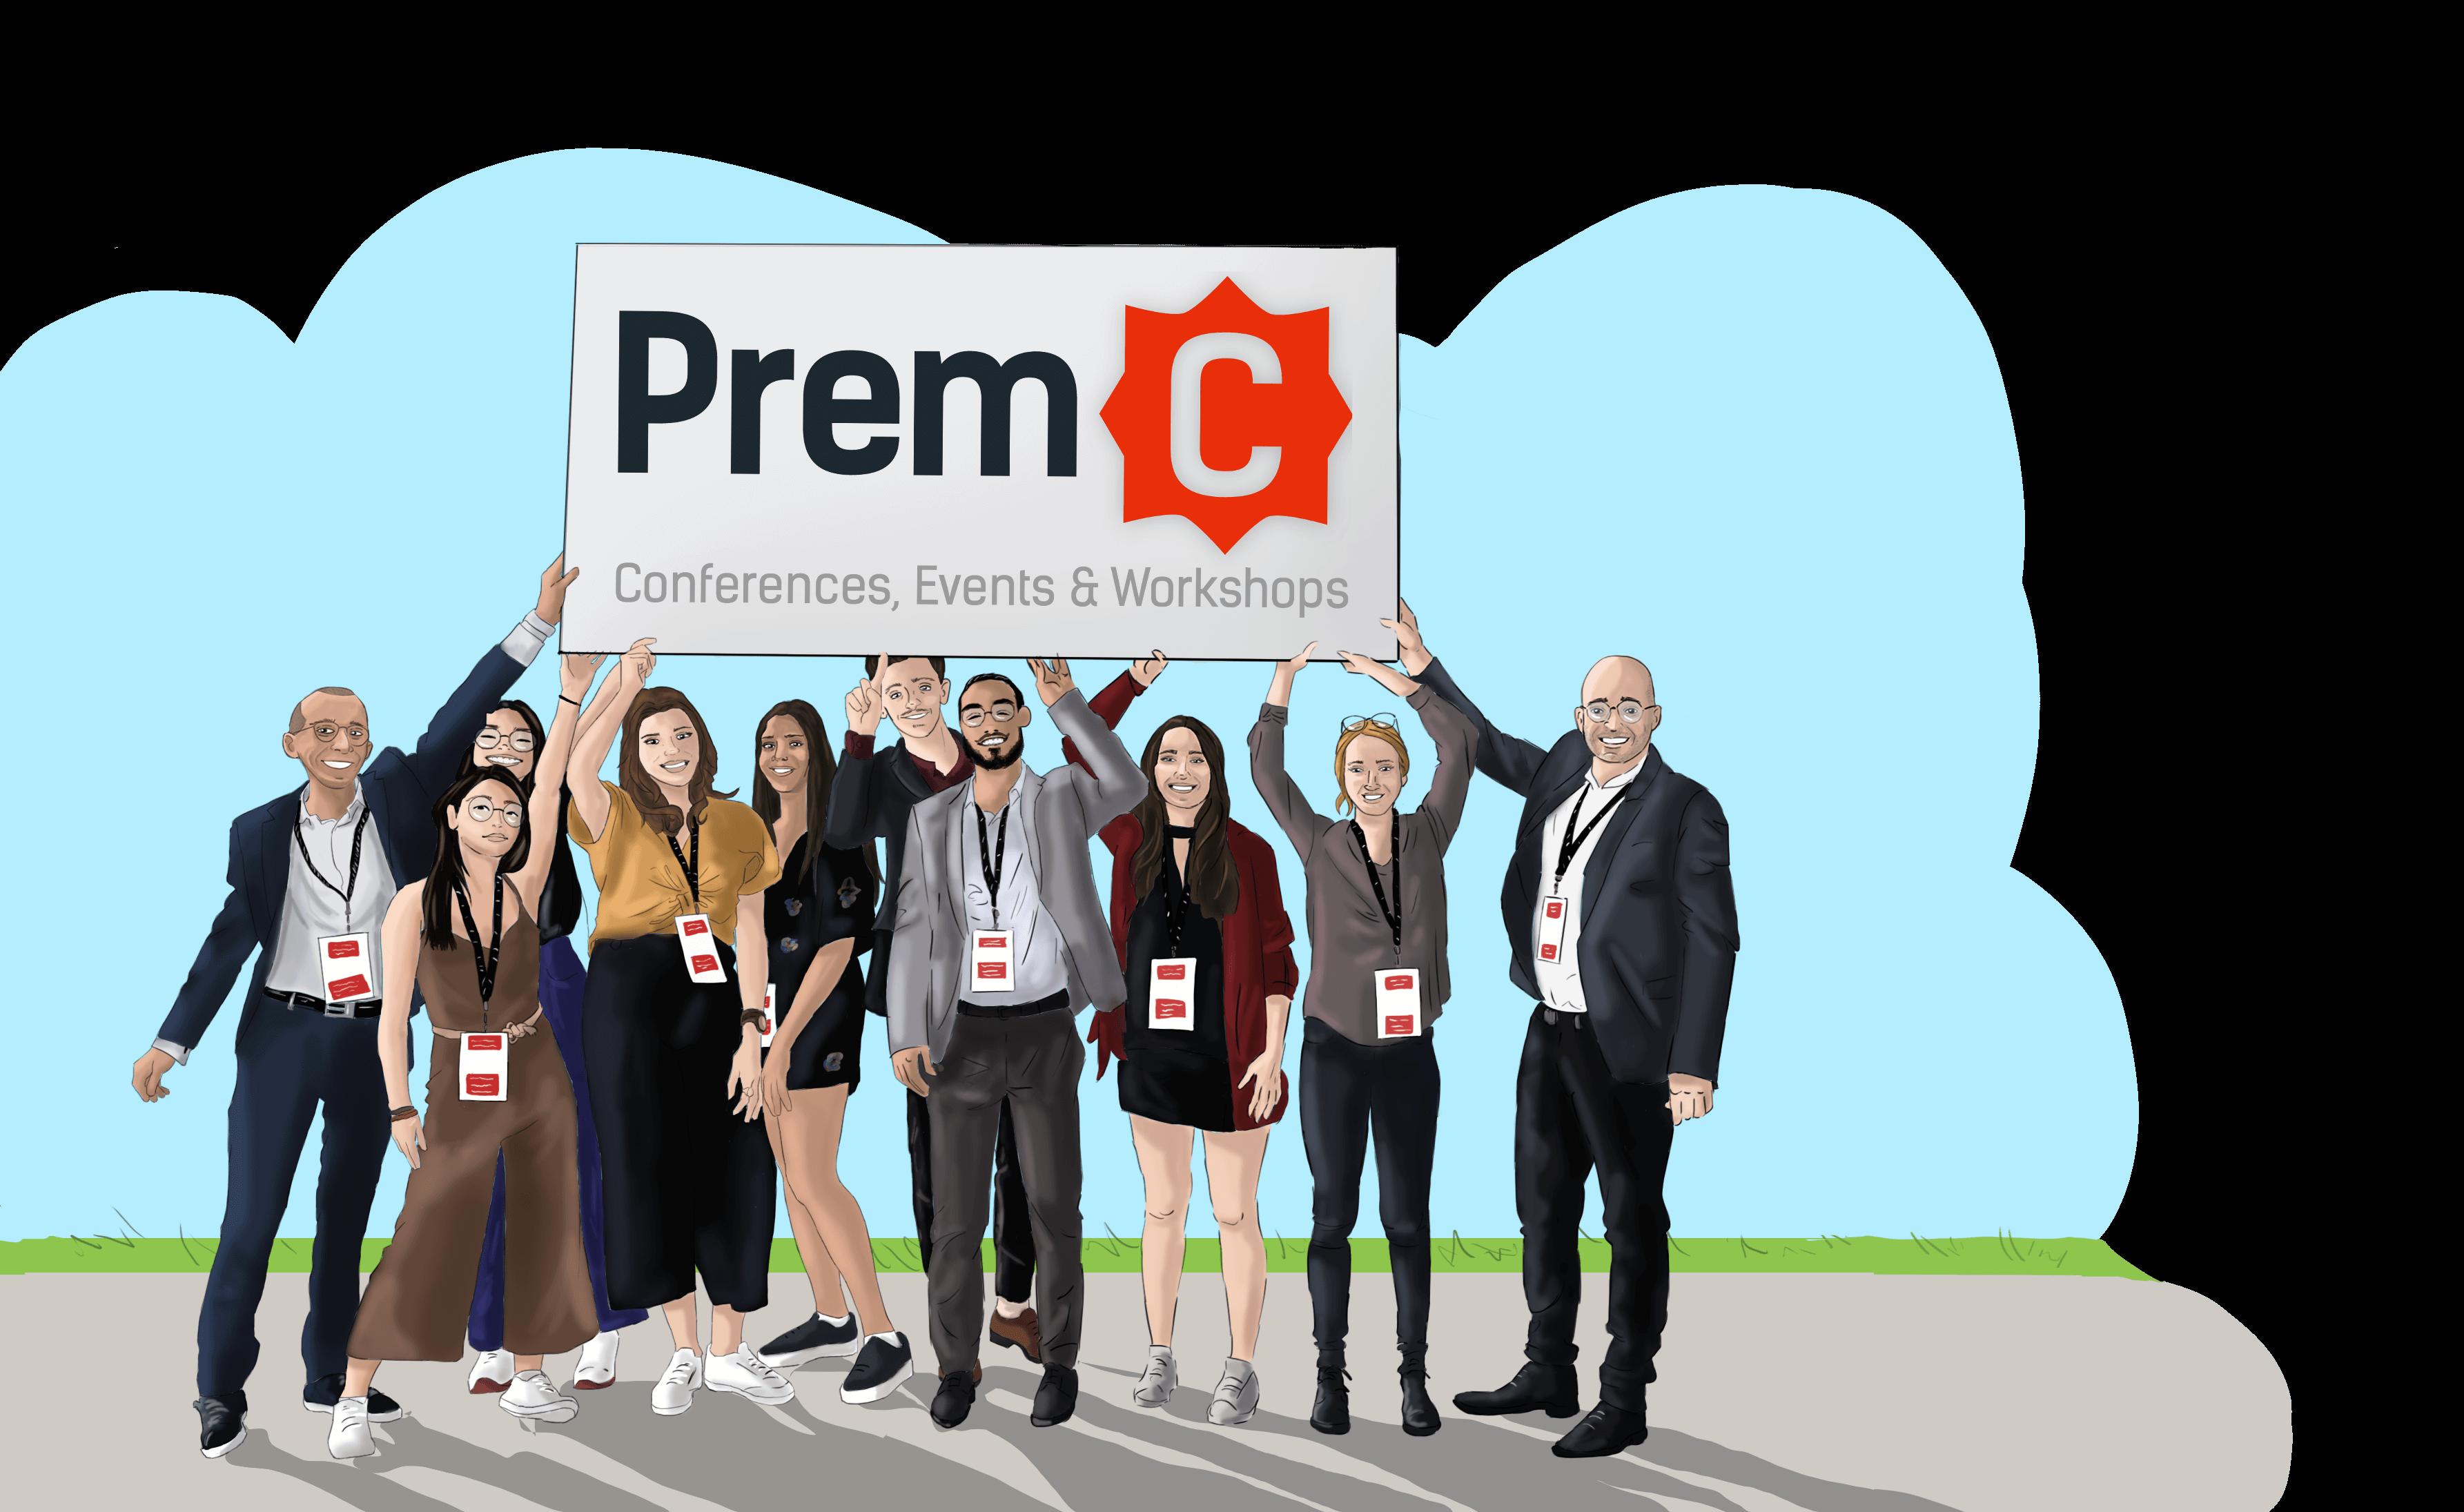 PremC group picture